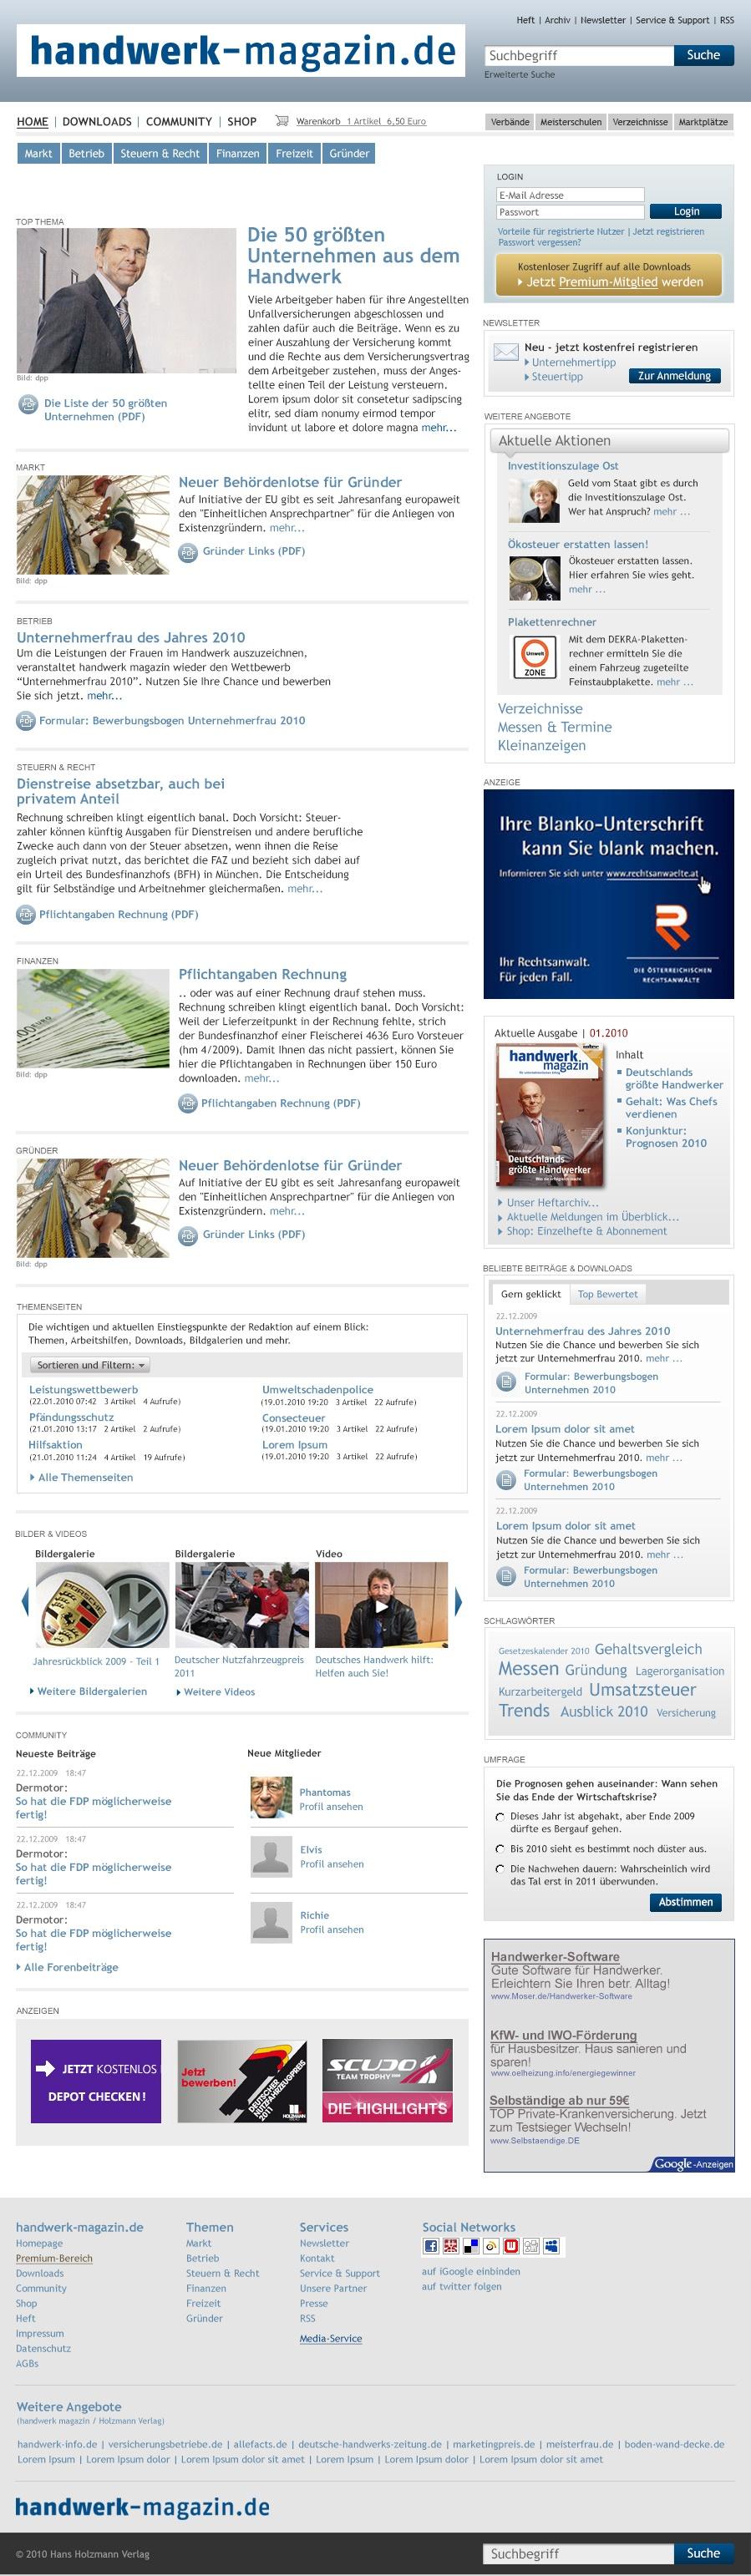 handwerk magazin Website Stefie Plendl